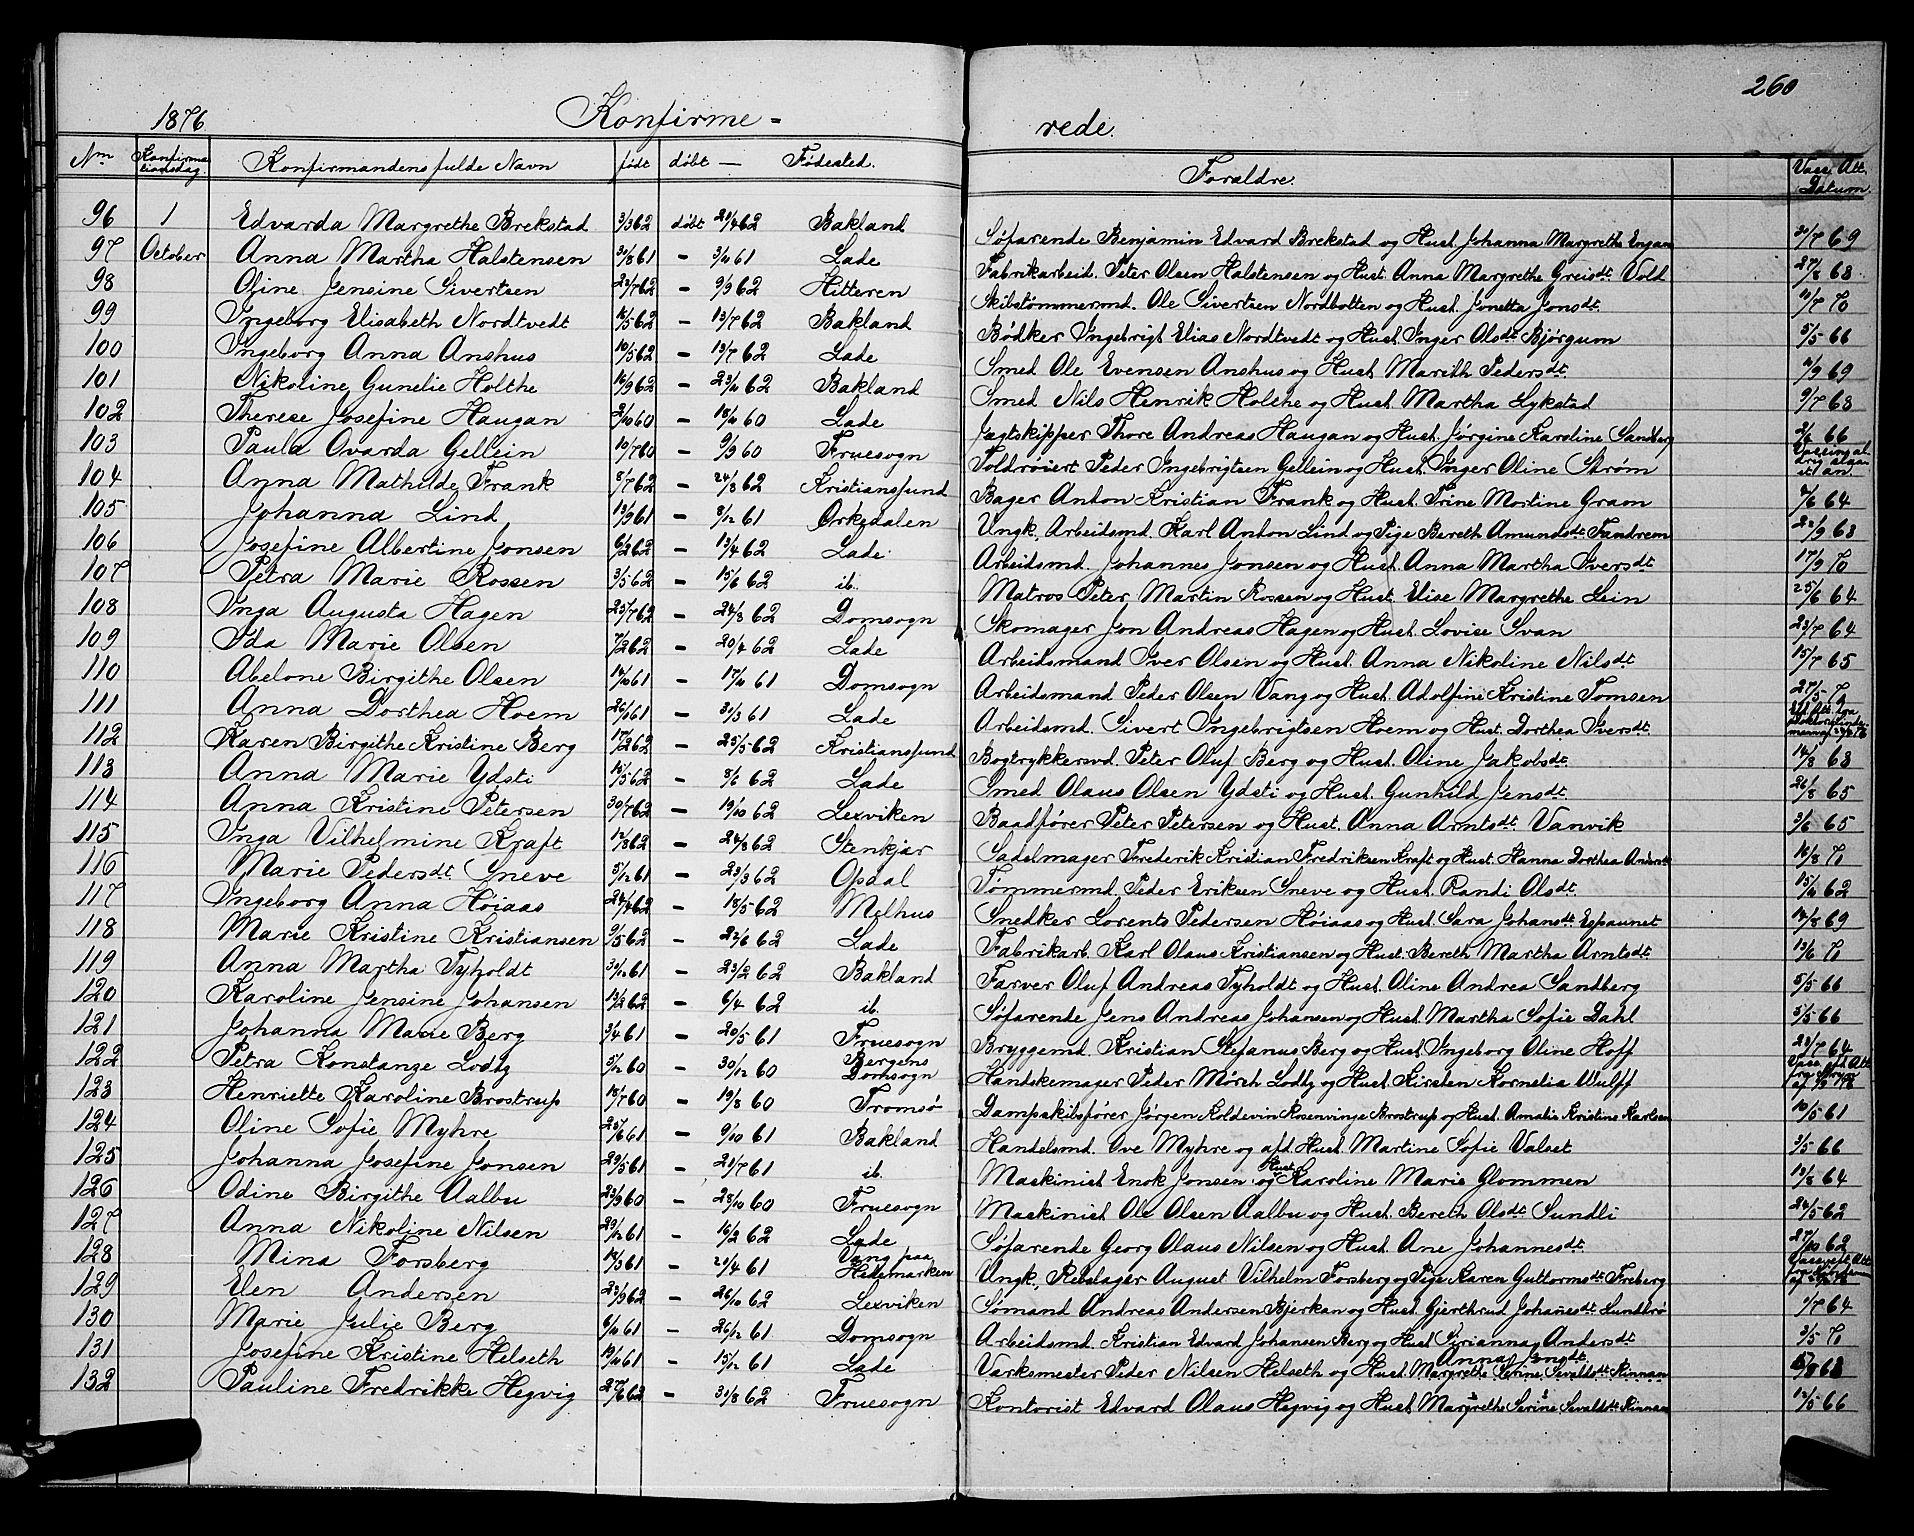 SAT, Ministerialprotokoller, klokkerbøker og fødselsregistre - Sør-Trøndelag, 604/L0220: Klokkerbok nr. 604C03, 1870-1885, s. 260